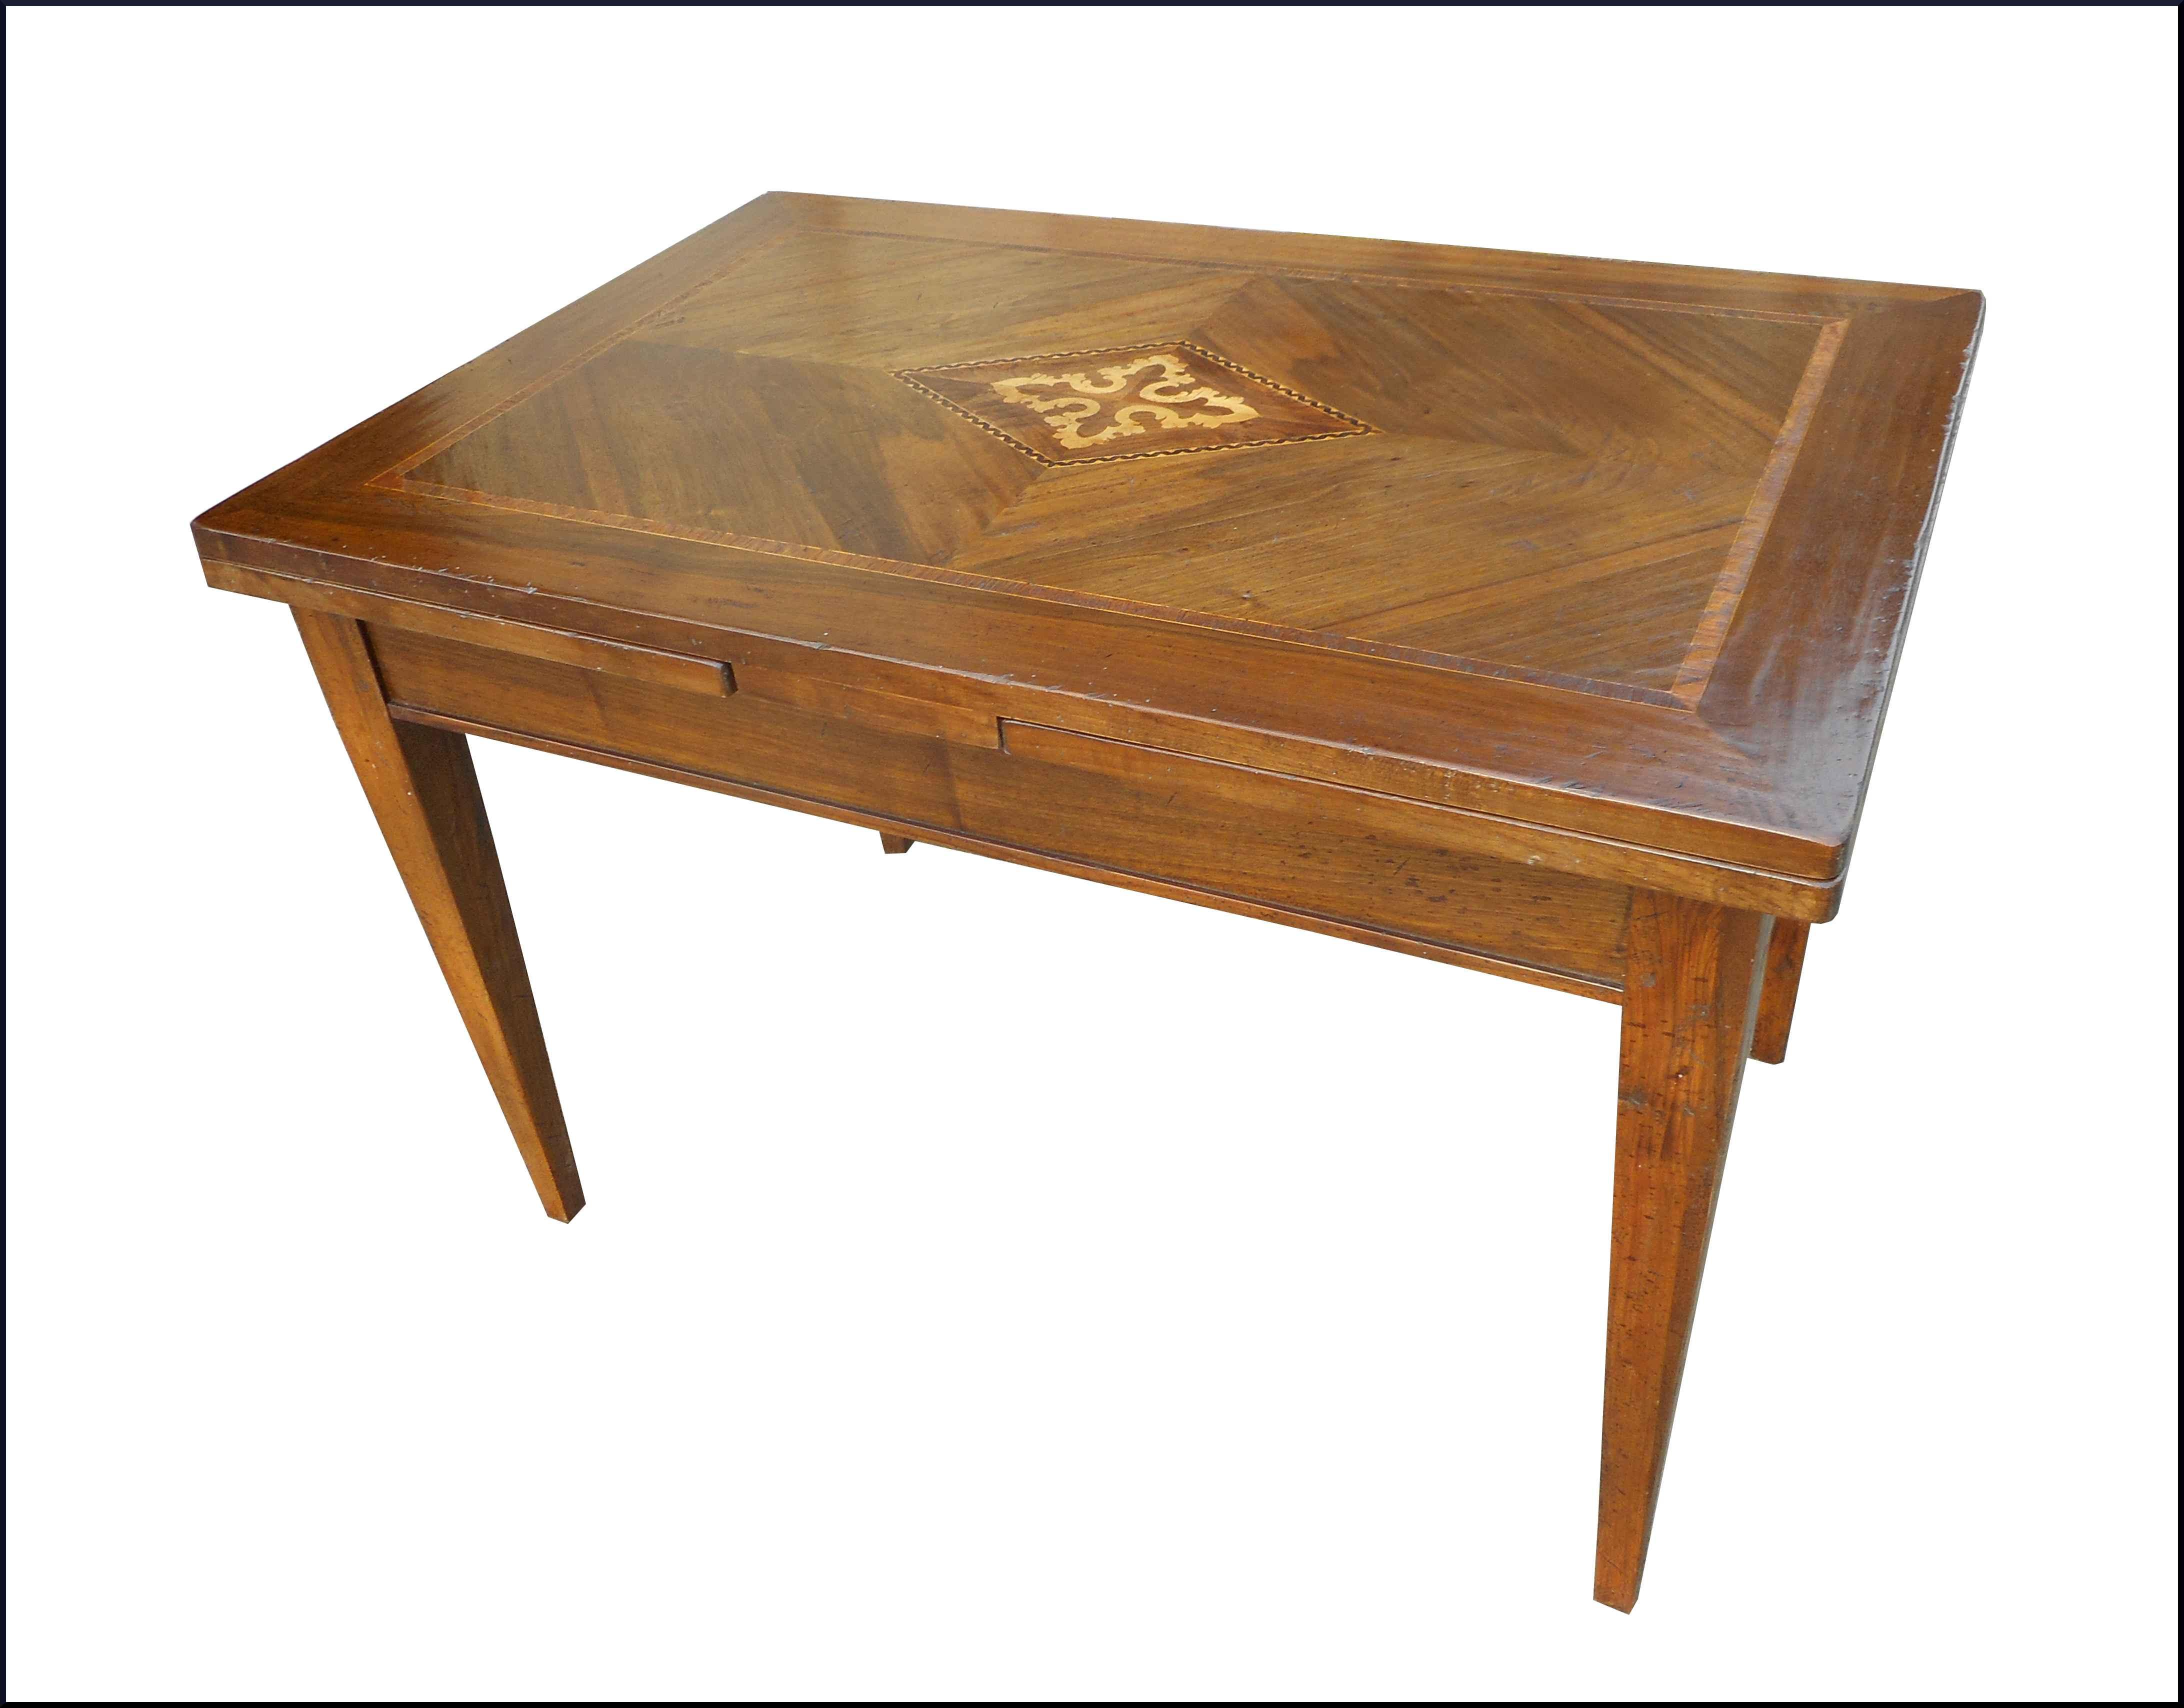 Tavolo in stile antico con piano intarsiato